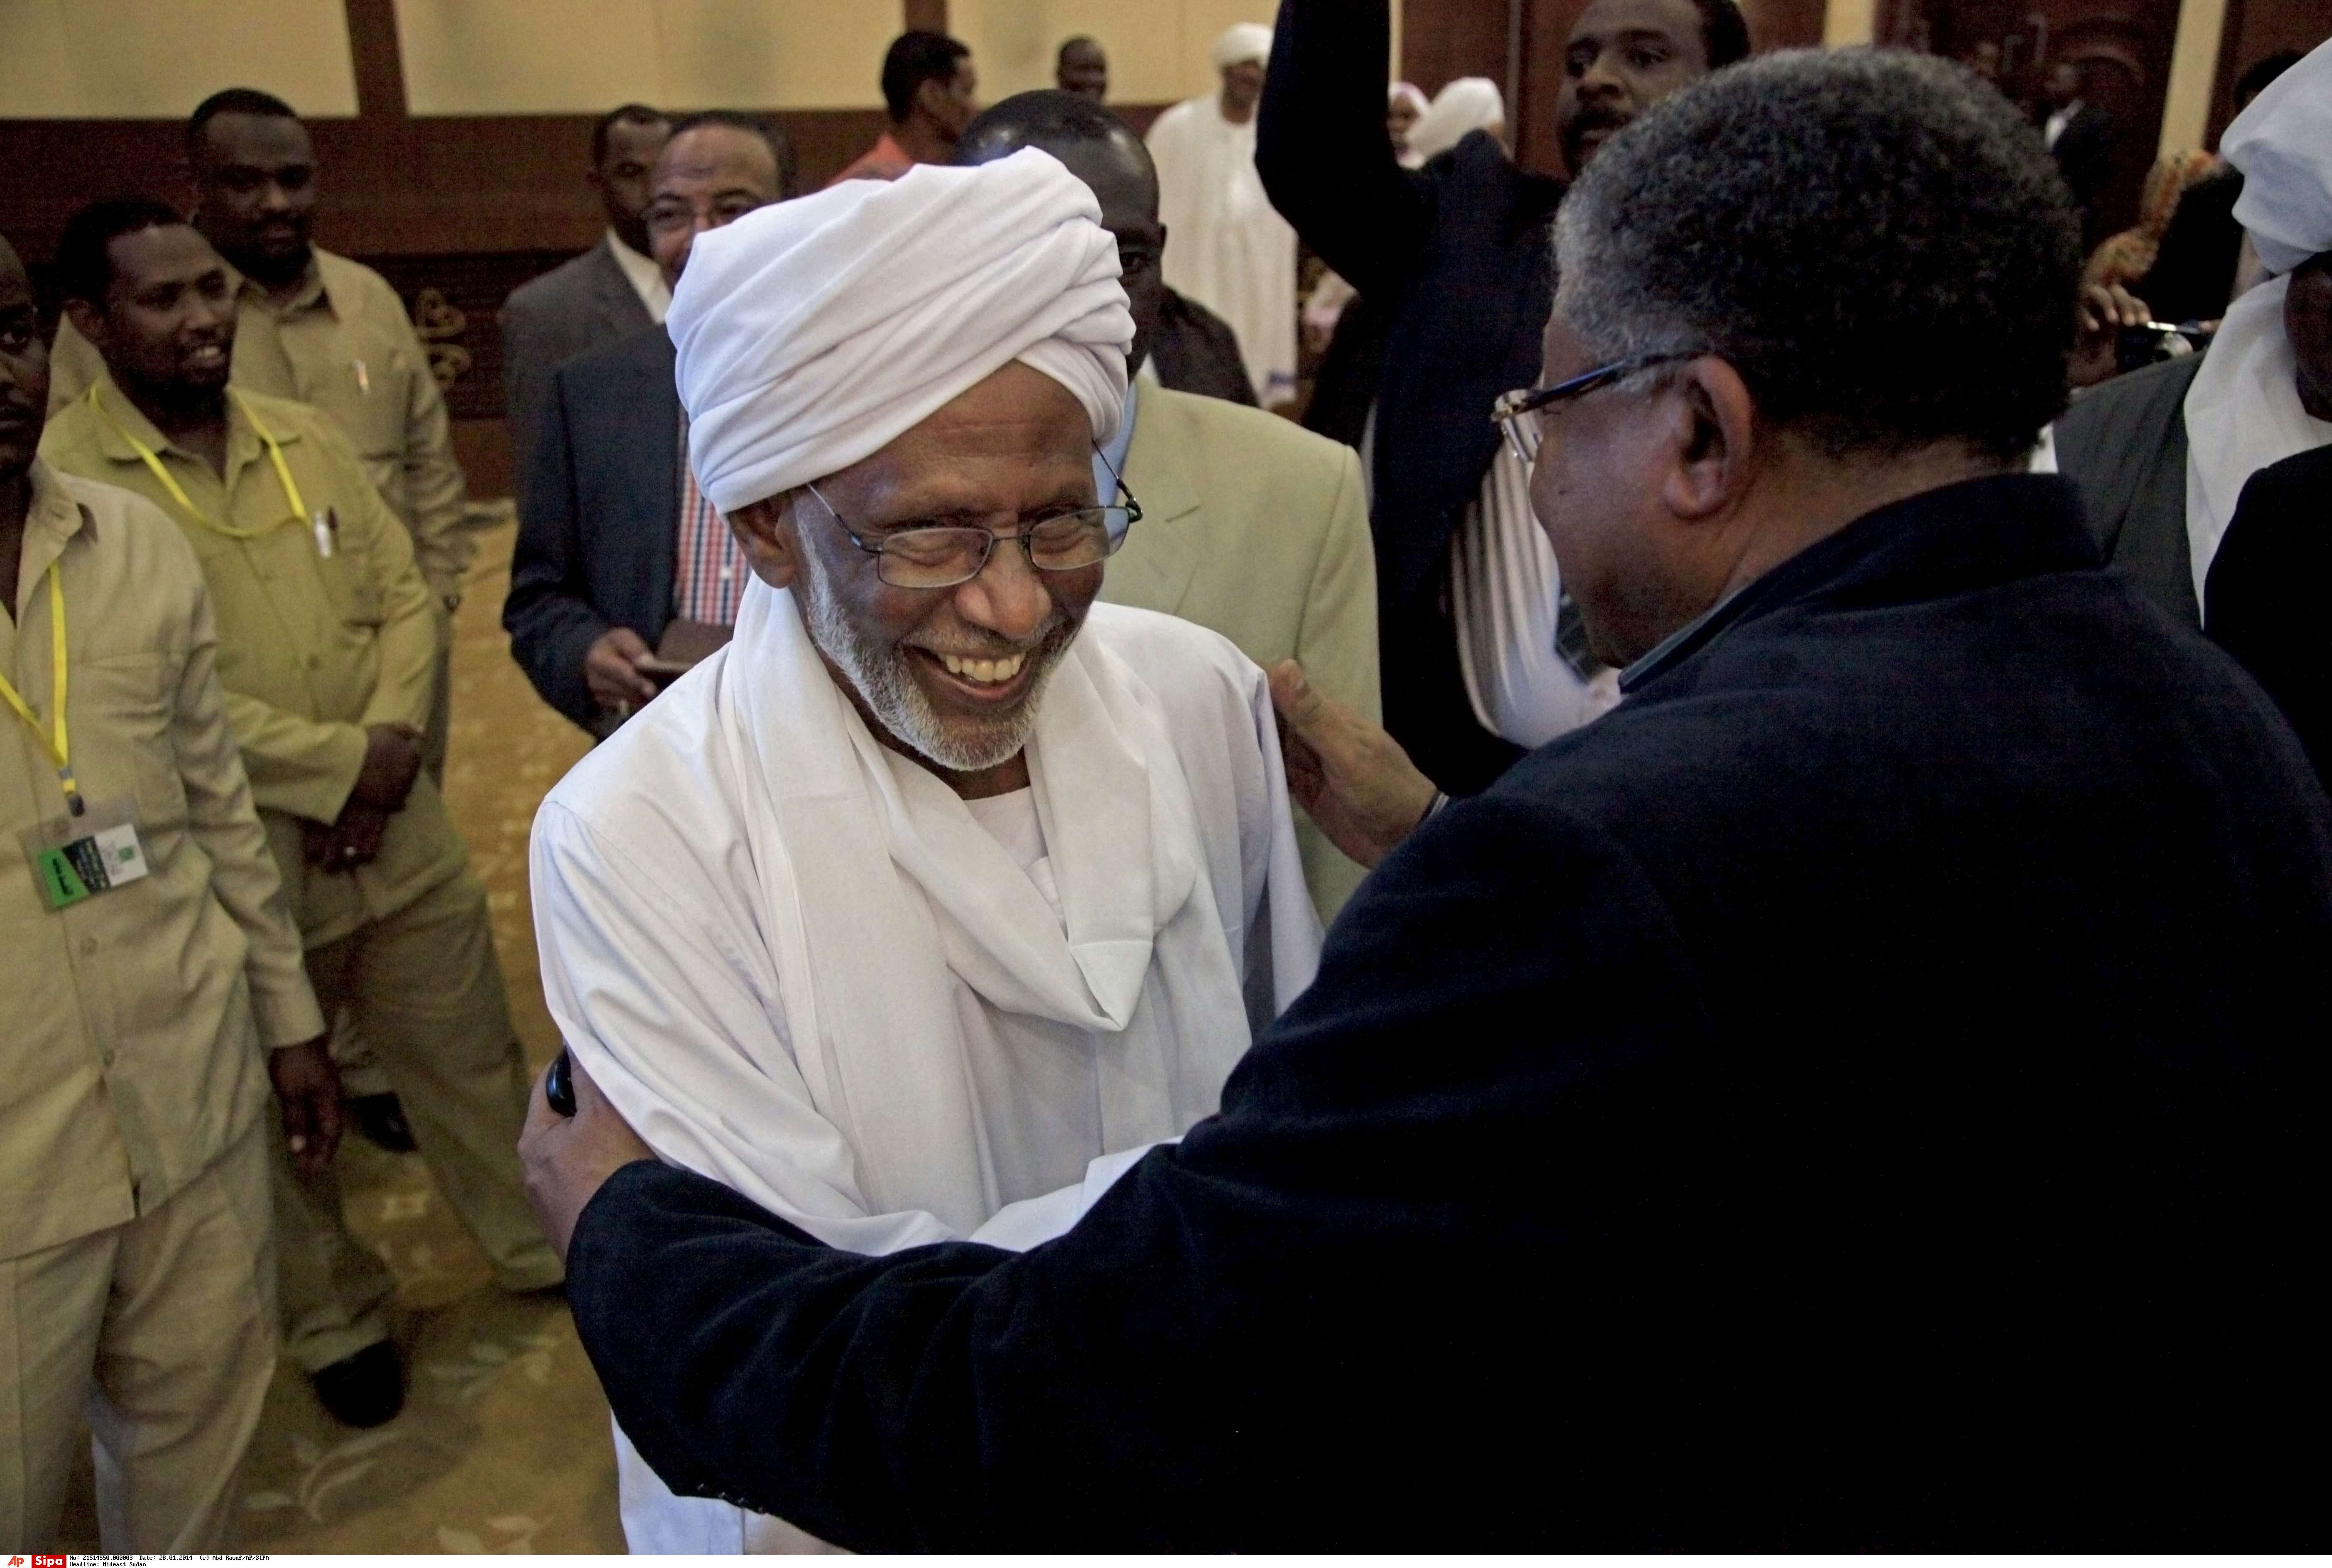 Soudan : des milliers de personnes aux funérailles du leader islamiste al-Tourabi à Khartoum